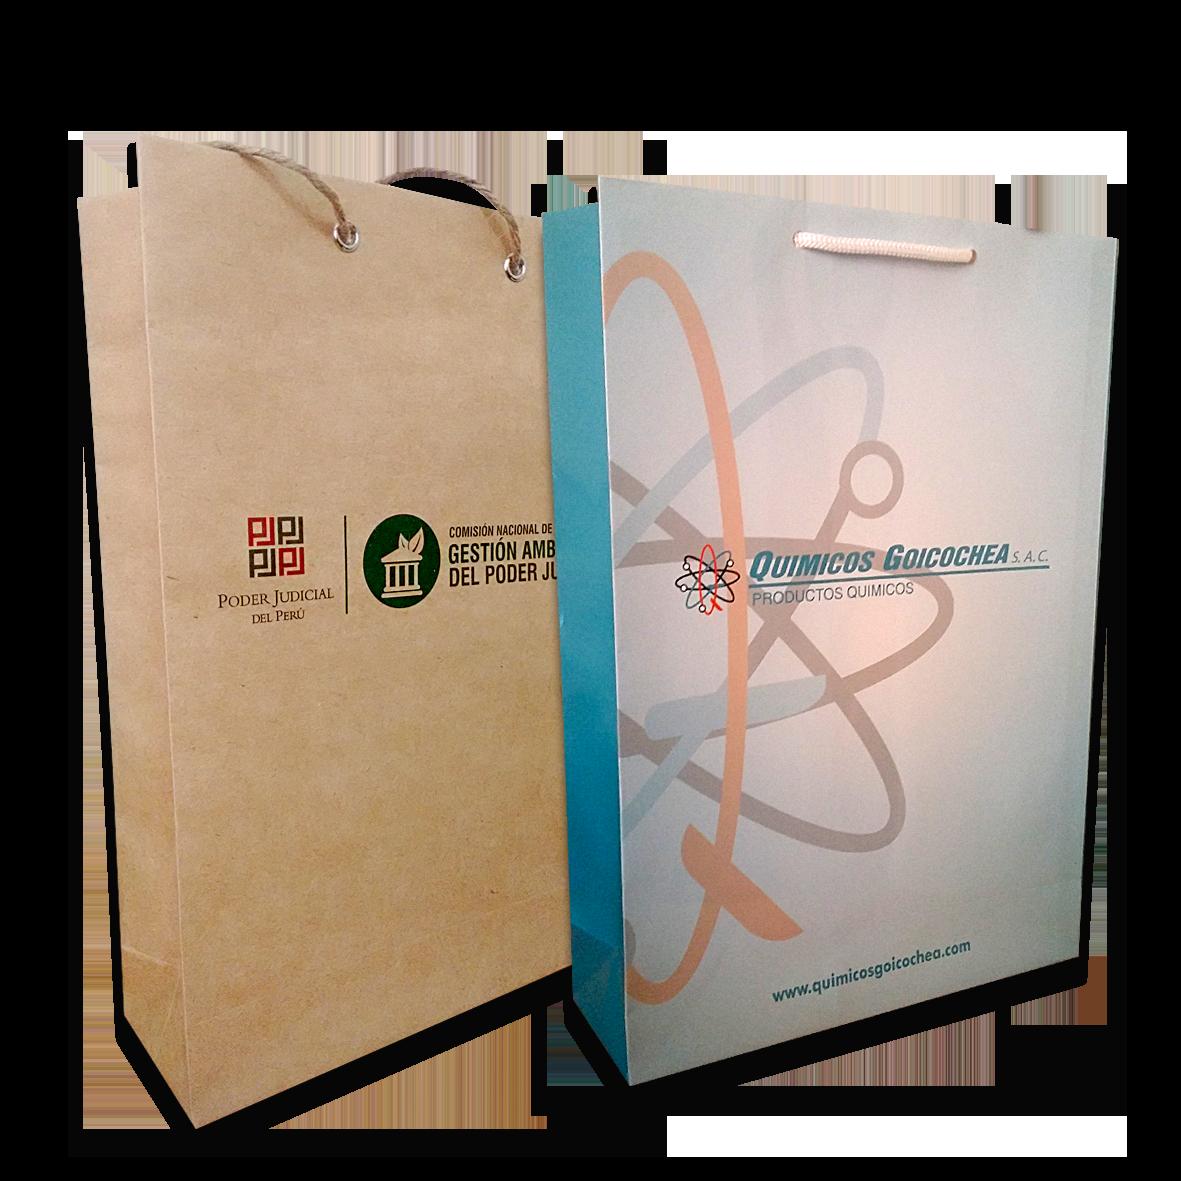 merchandising-articulos publicitarios - bolsas de papel - omnimedia publicidad